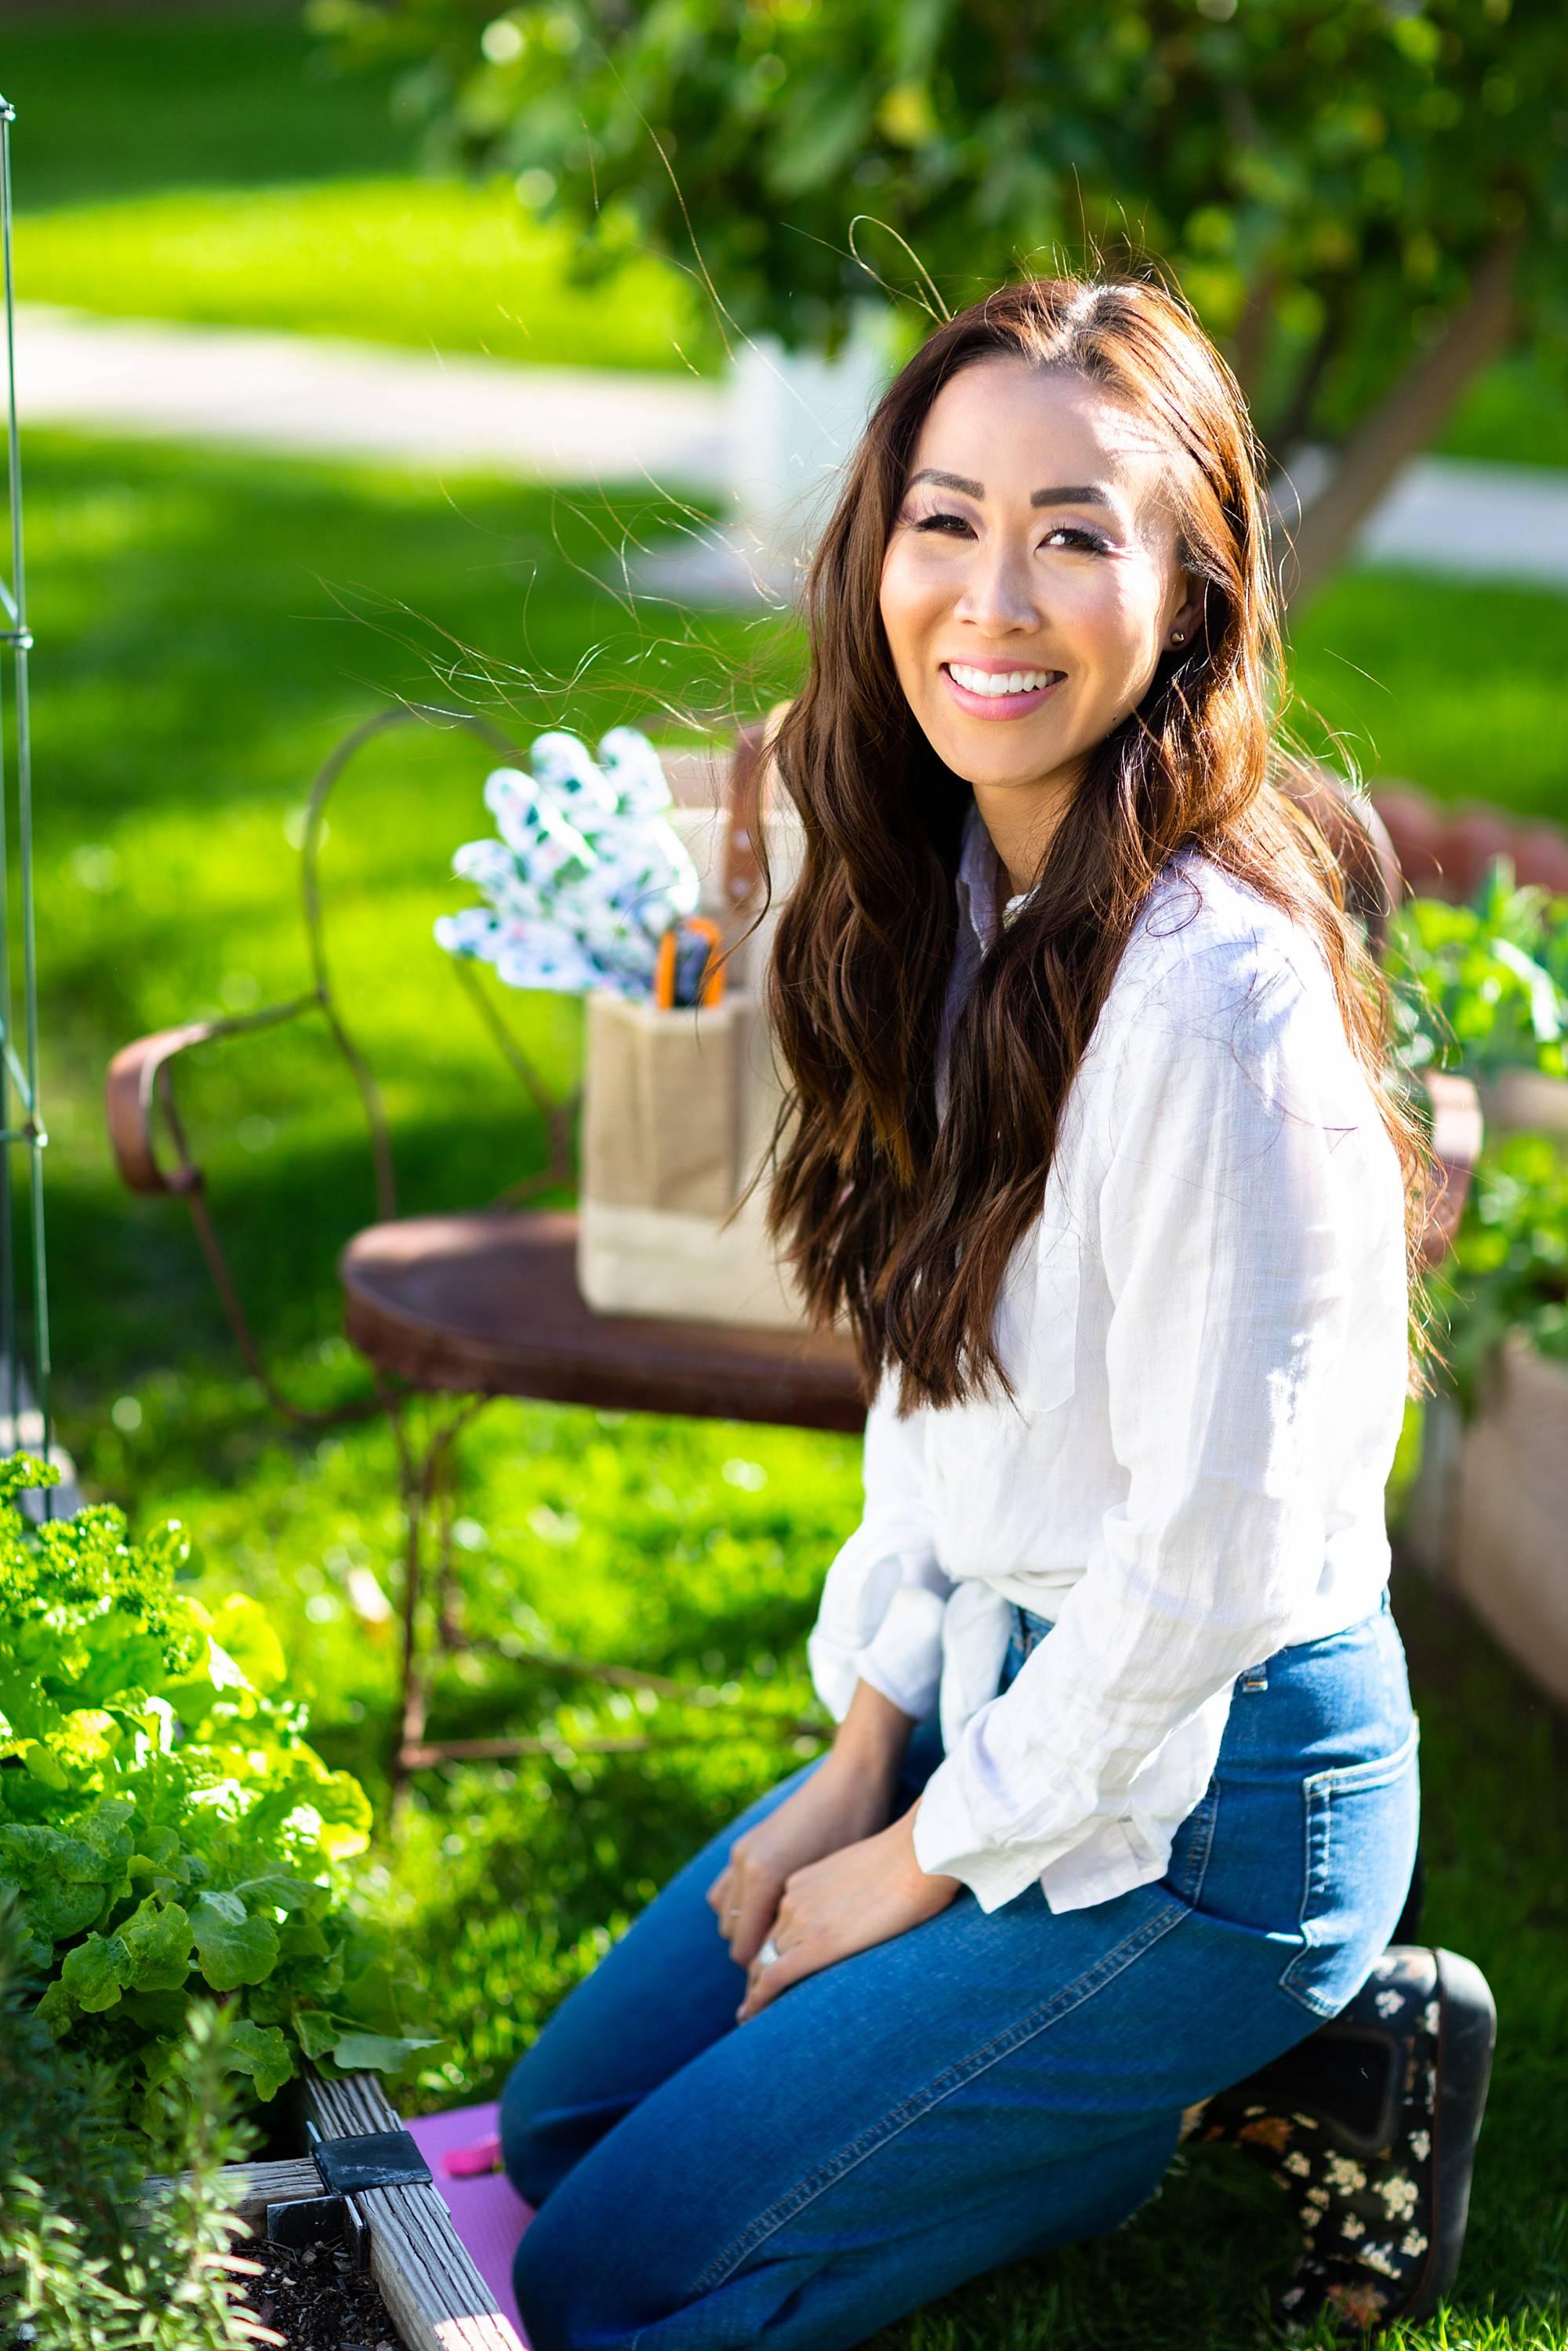 phoenix garden and lifestyle blogger Diana Elizabeth in spring garden garden beds